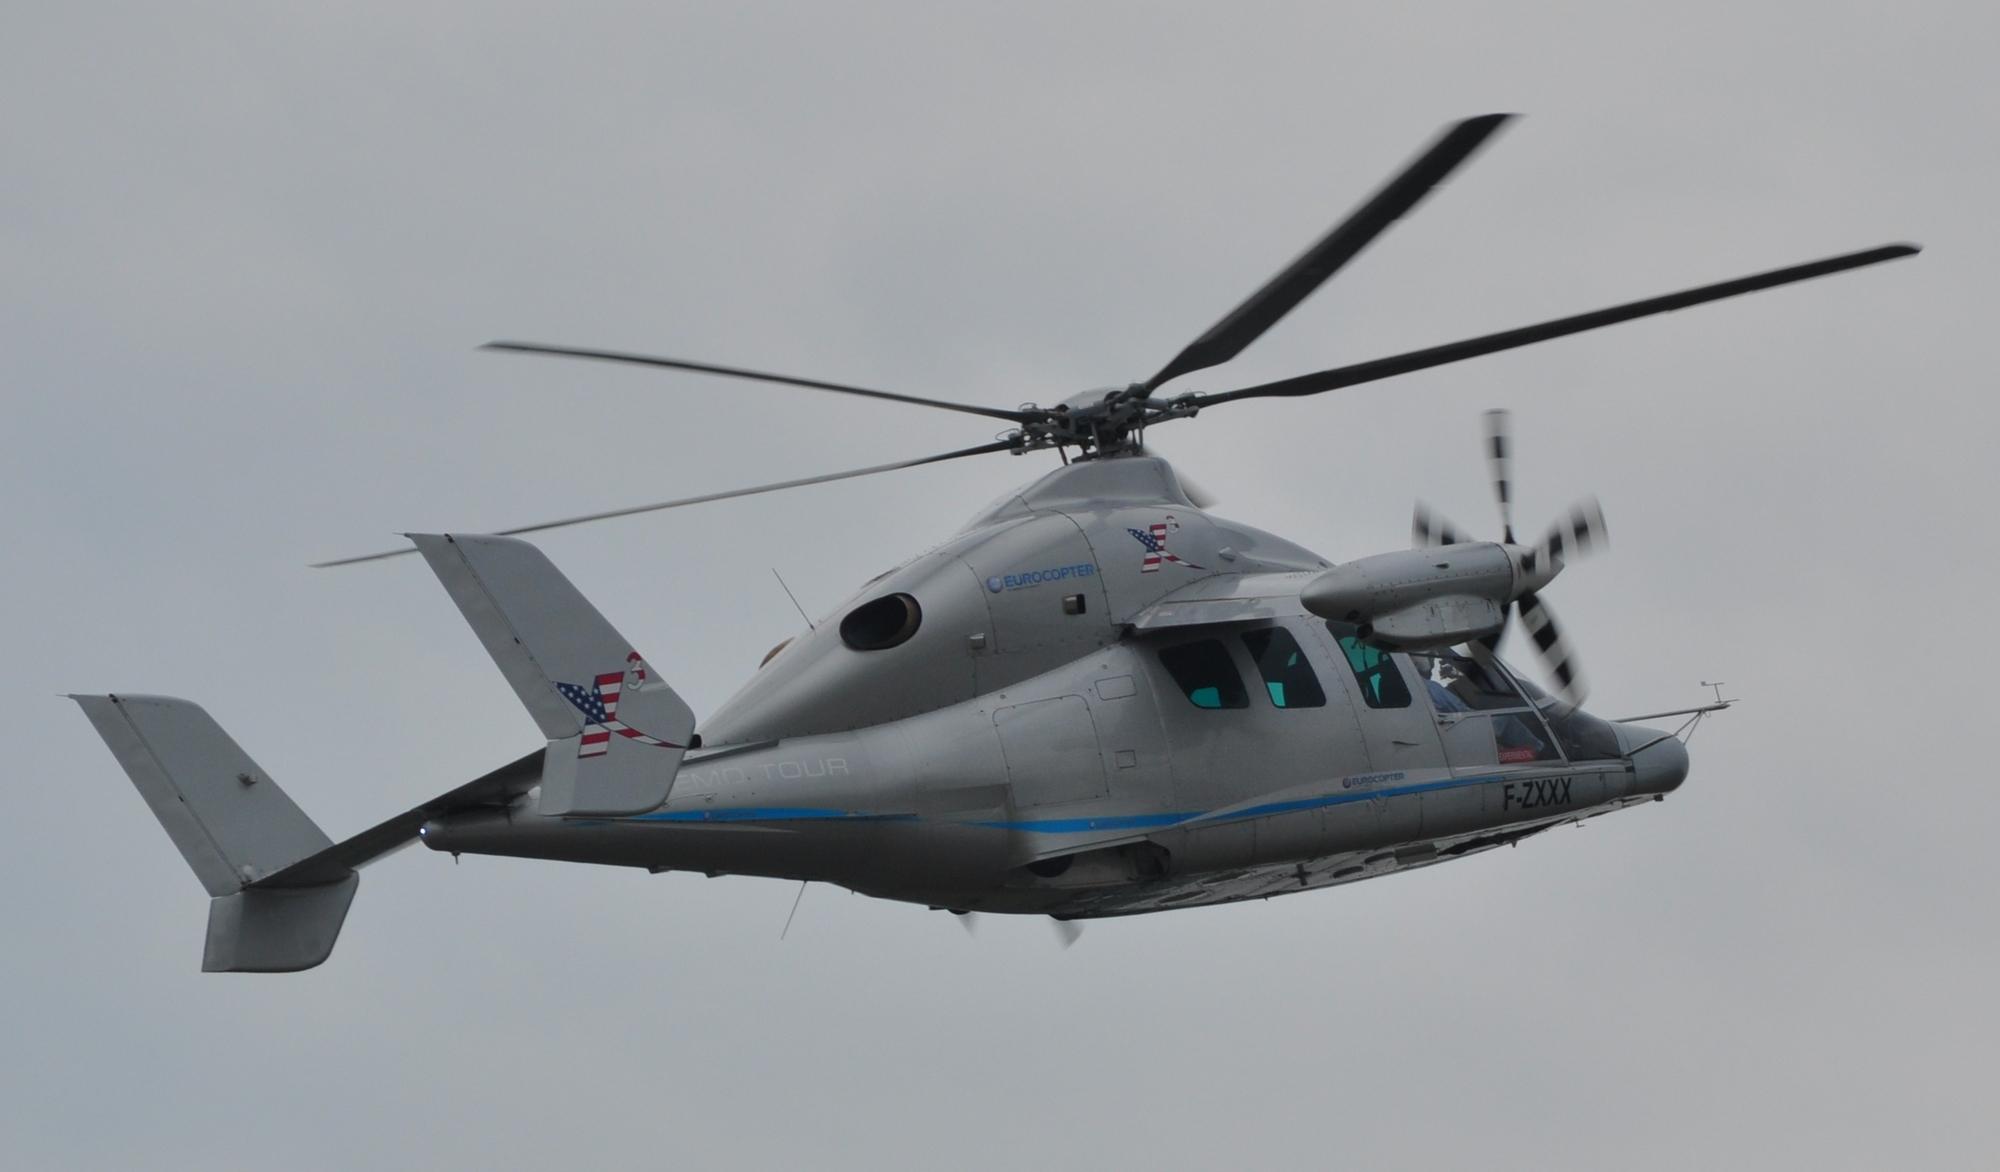 Elicottero X3 : Eurocopter vola a km h aeronautica militare virtuale italiana